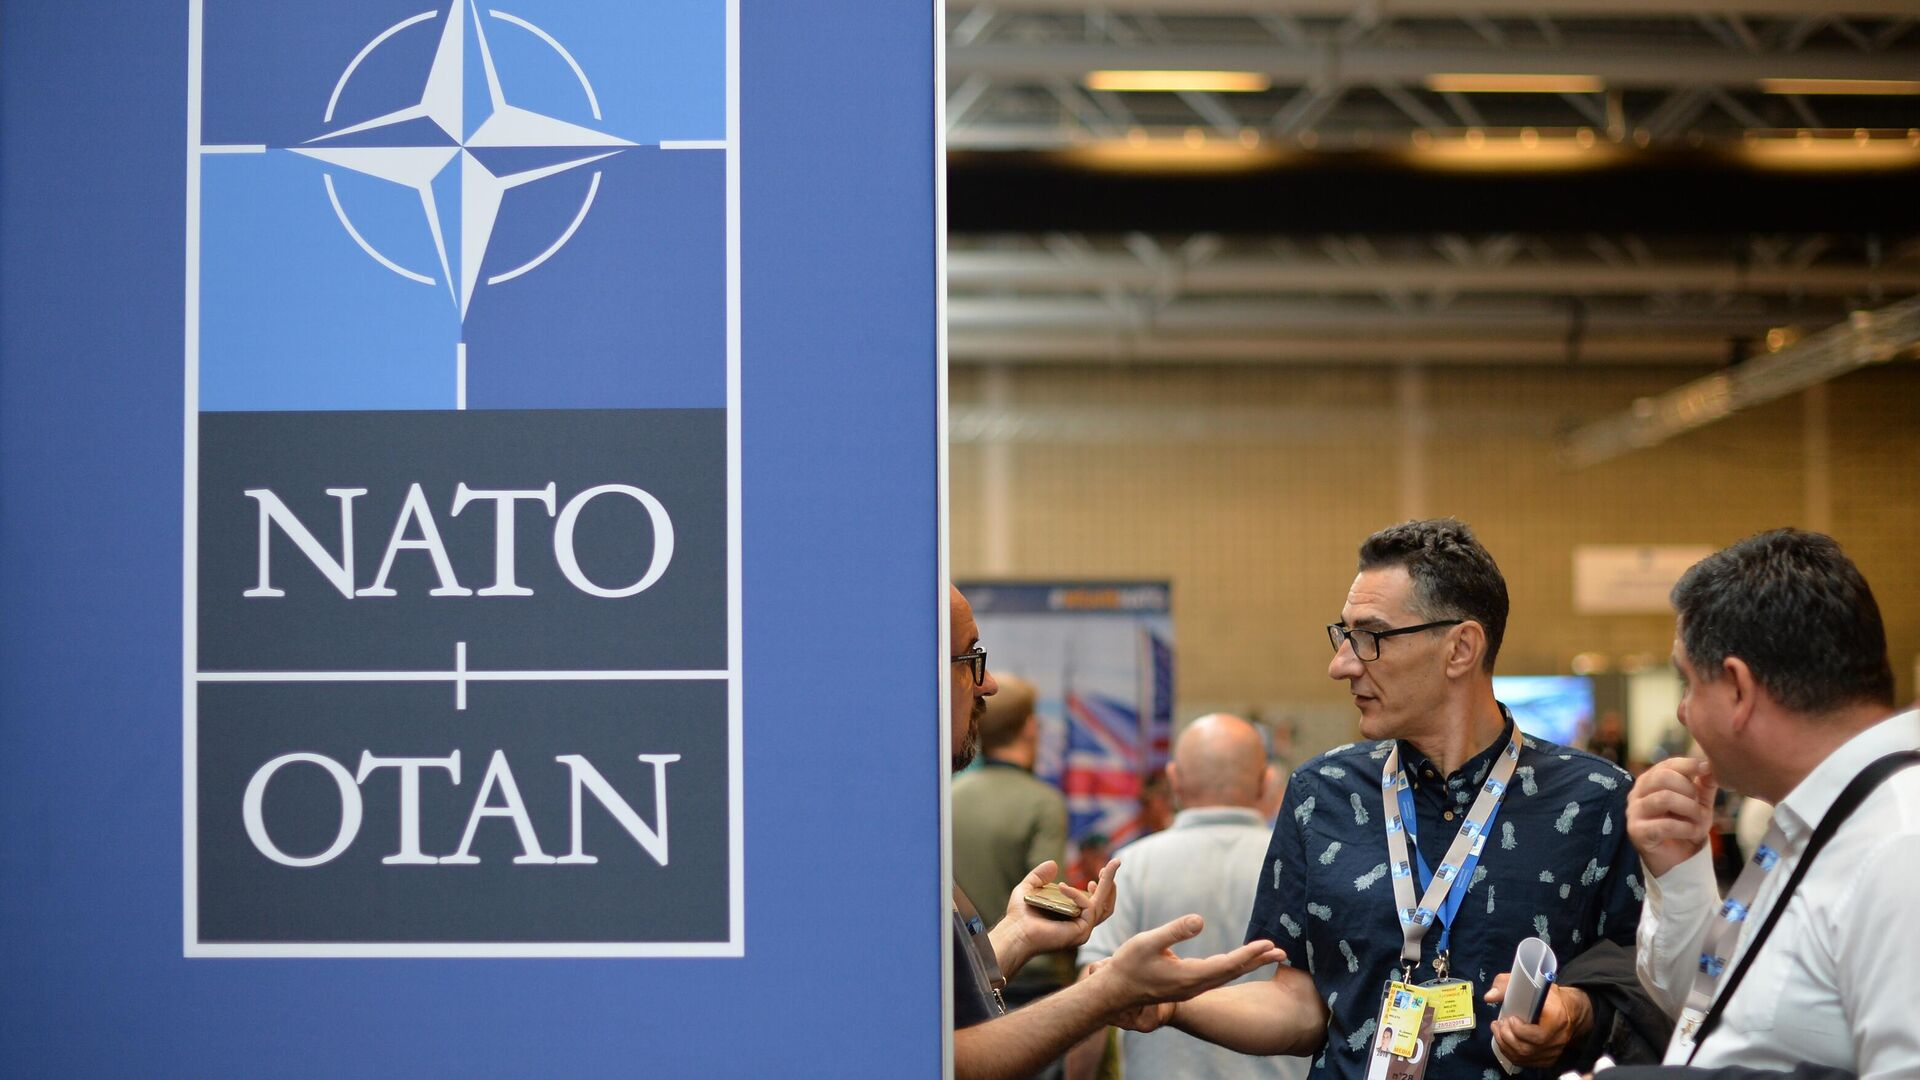 Nato - SNA, 1920, 17.03.2021